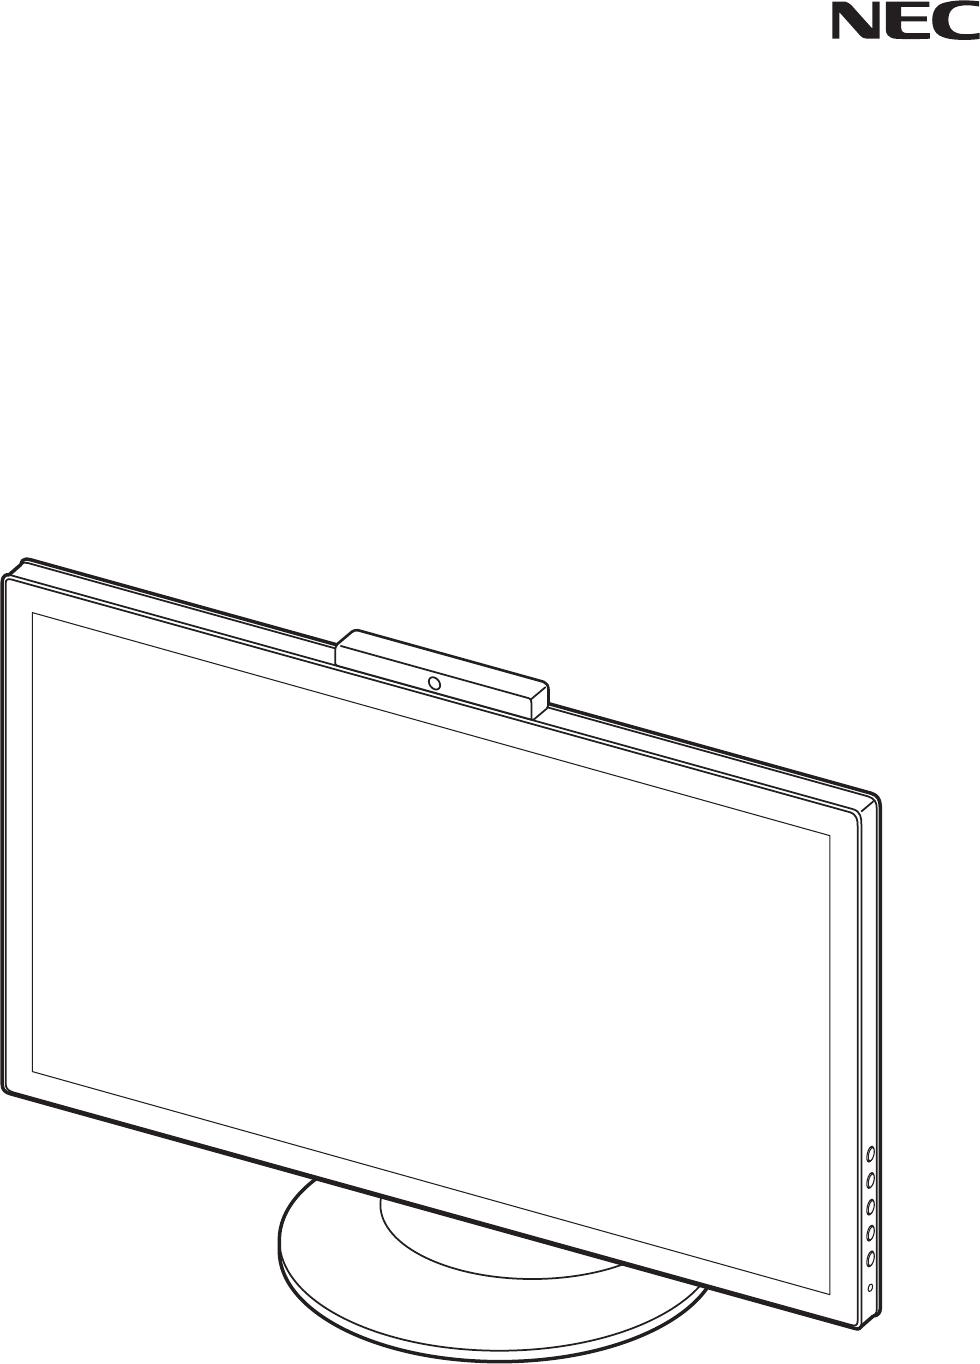 Manuál NEC MultiSync E232WMT návod (19 stránek)